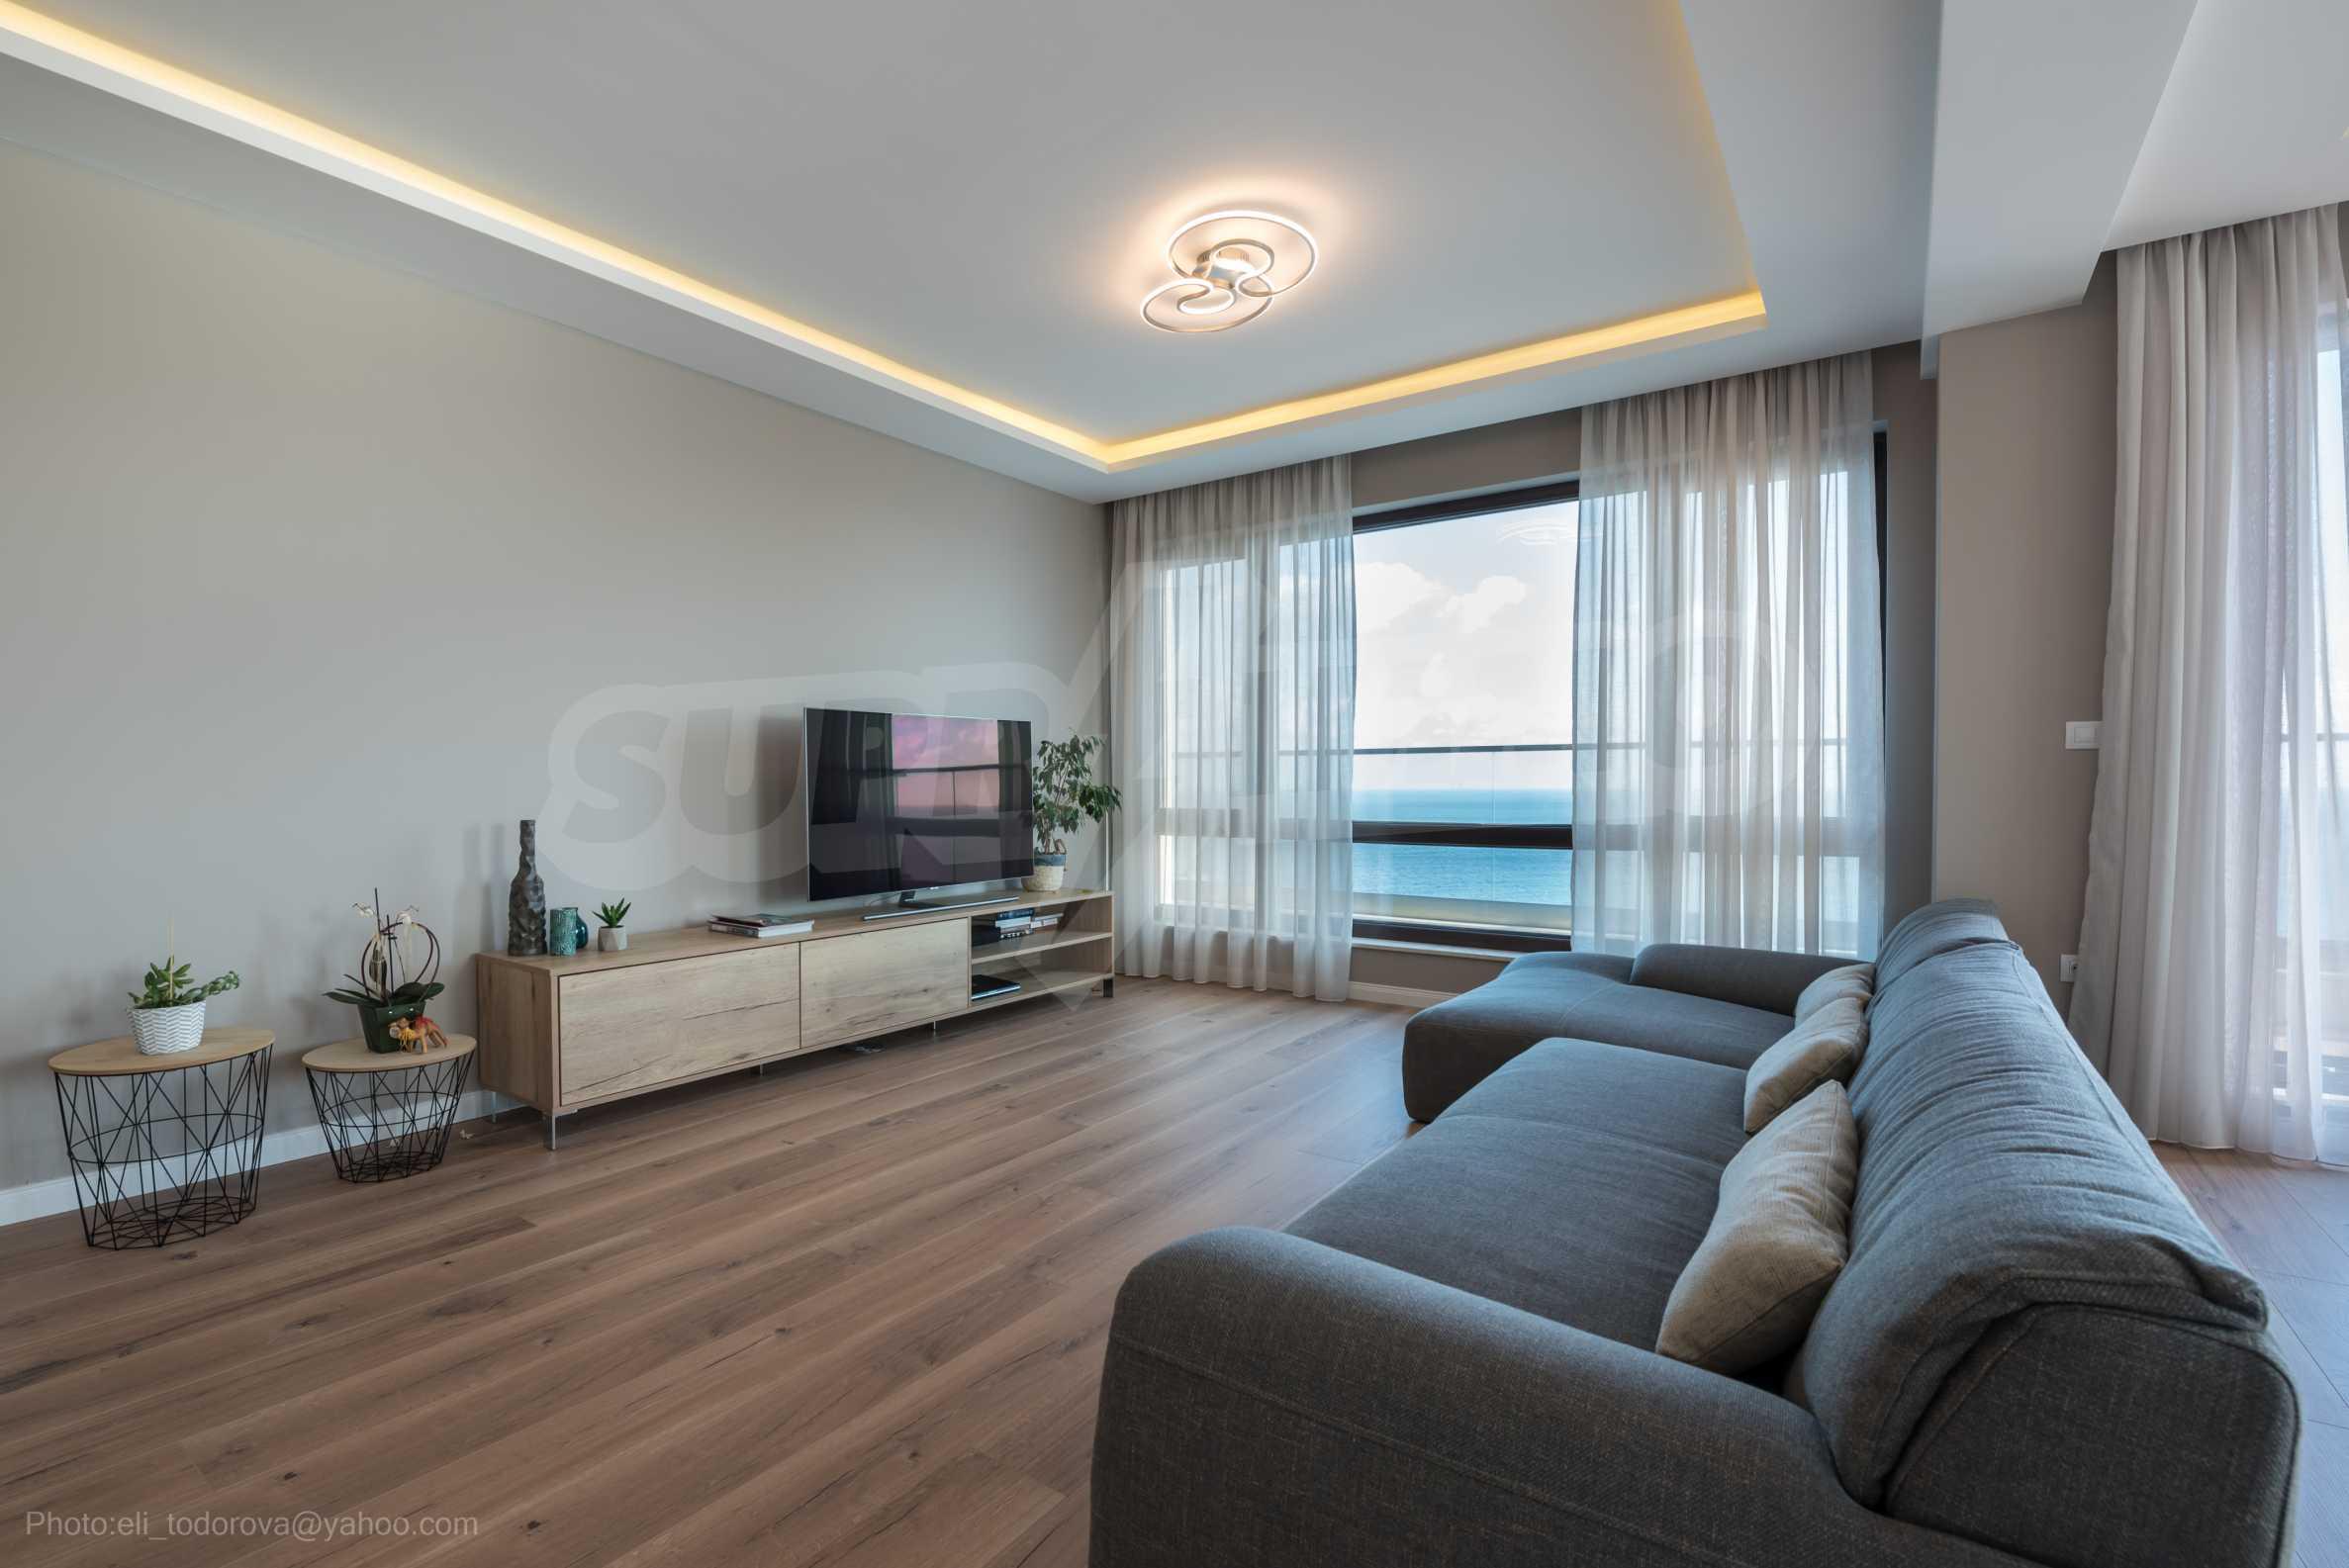 Апартамент Елеганс Вю - тристаен имот с уникална гледка към морето 1